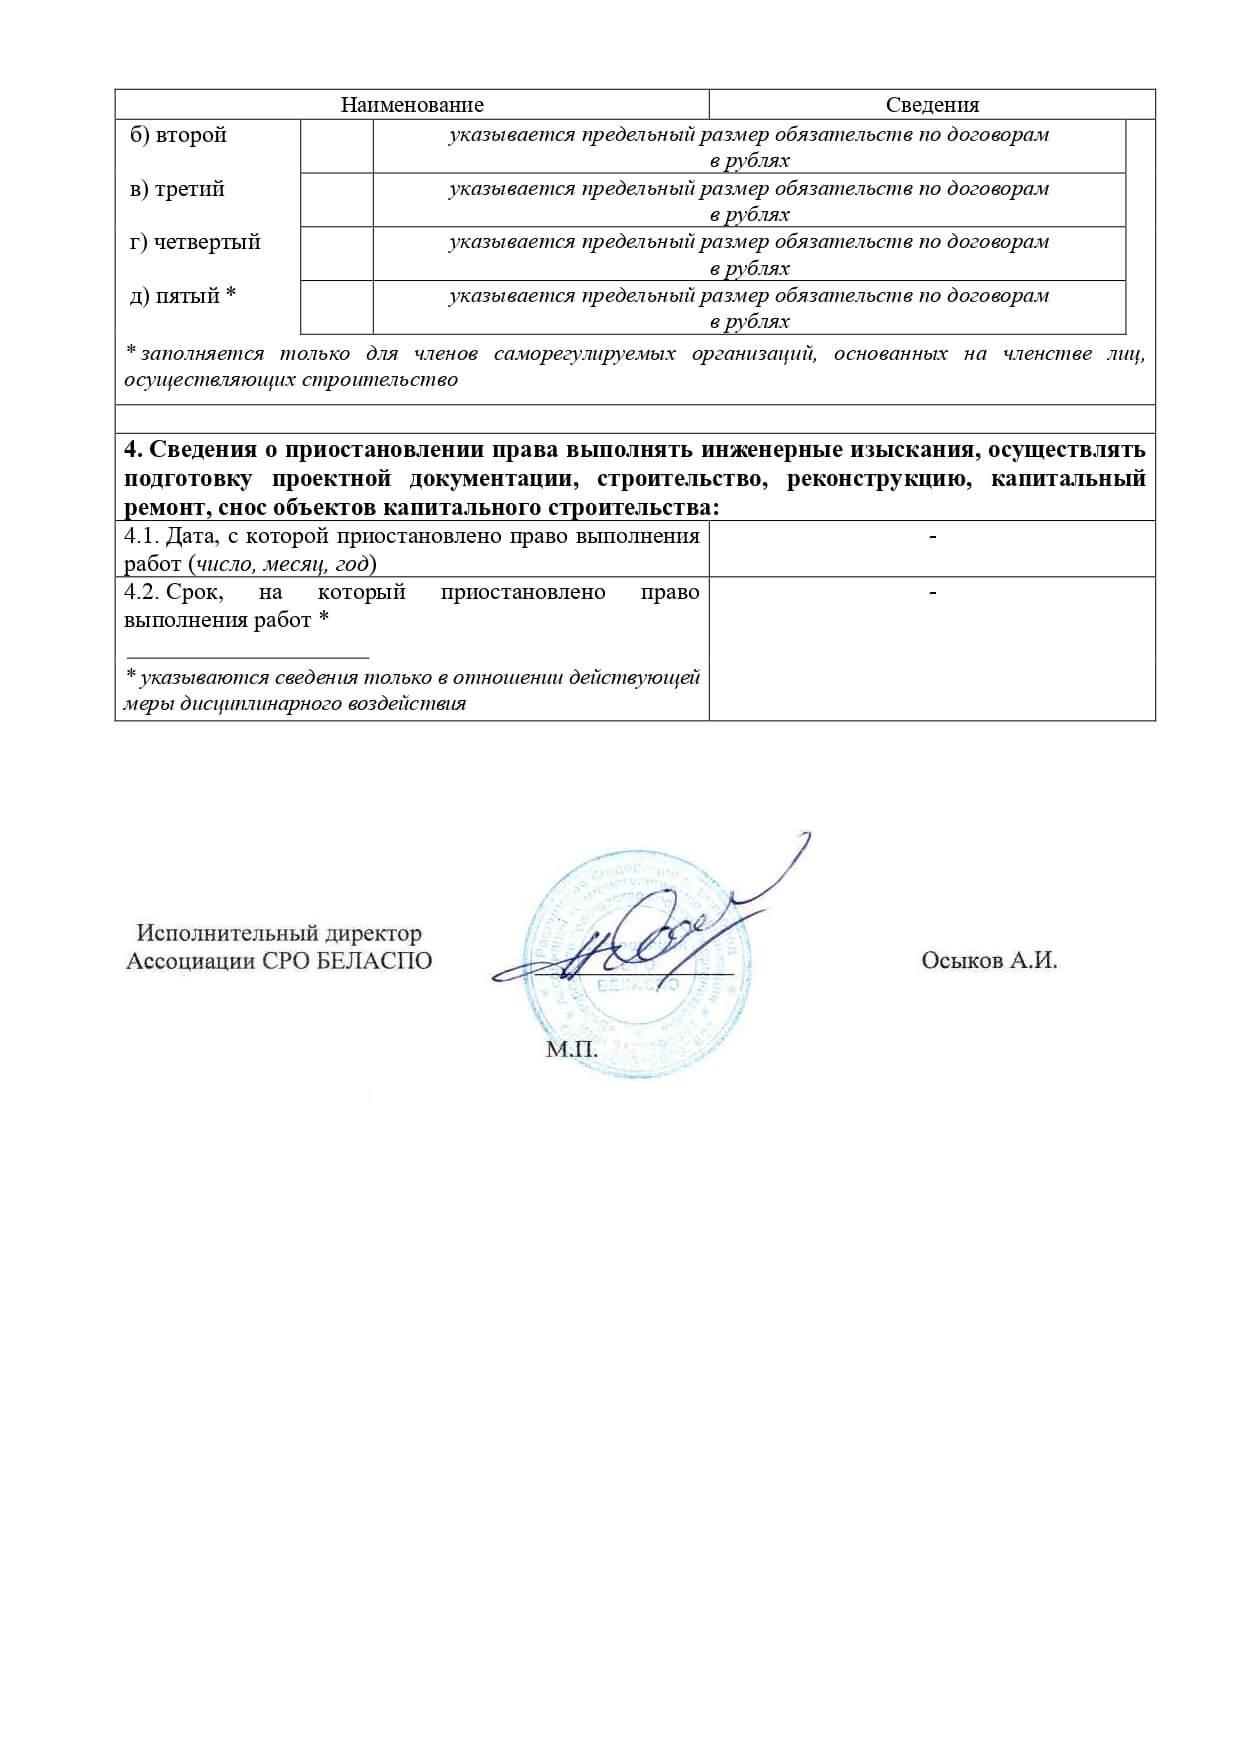 №1713 Выписка из реестра по форме №86 от 02.07.2020 ООО Специнжпроект_page-0003